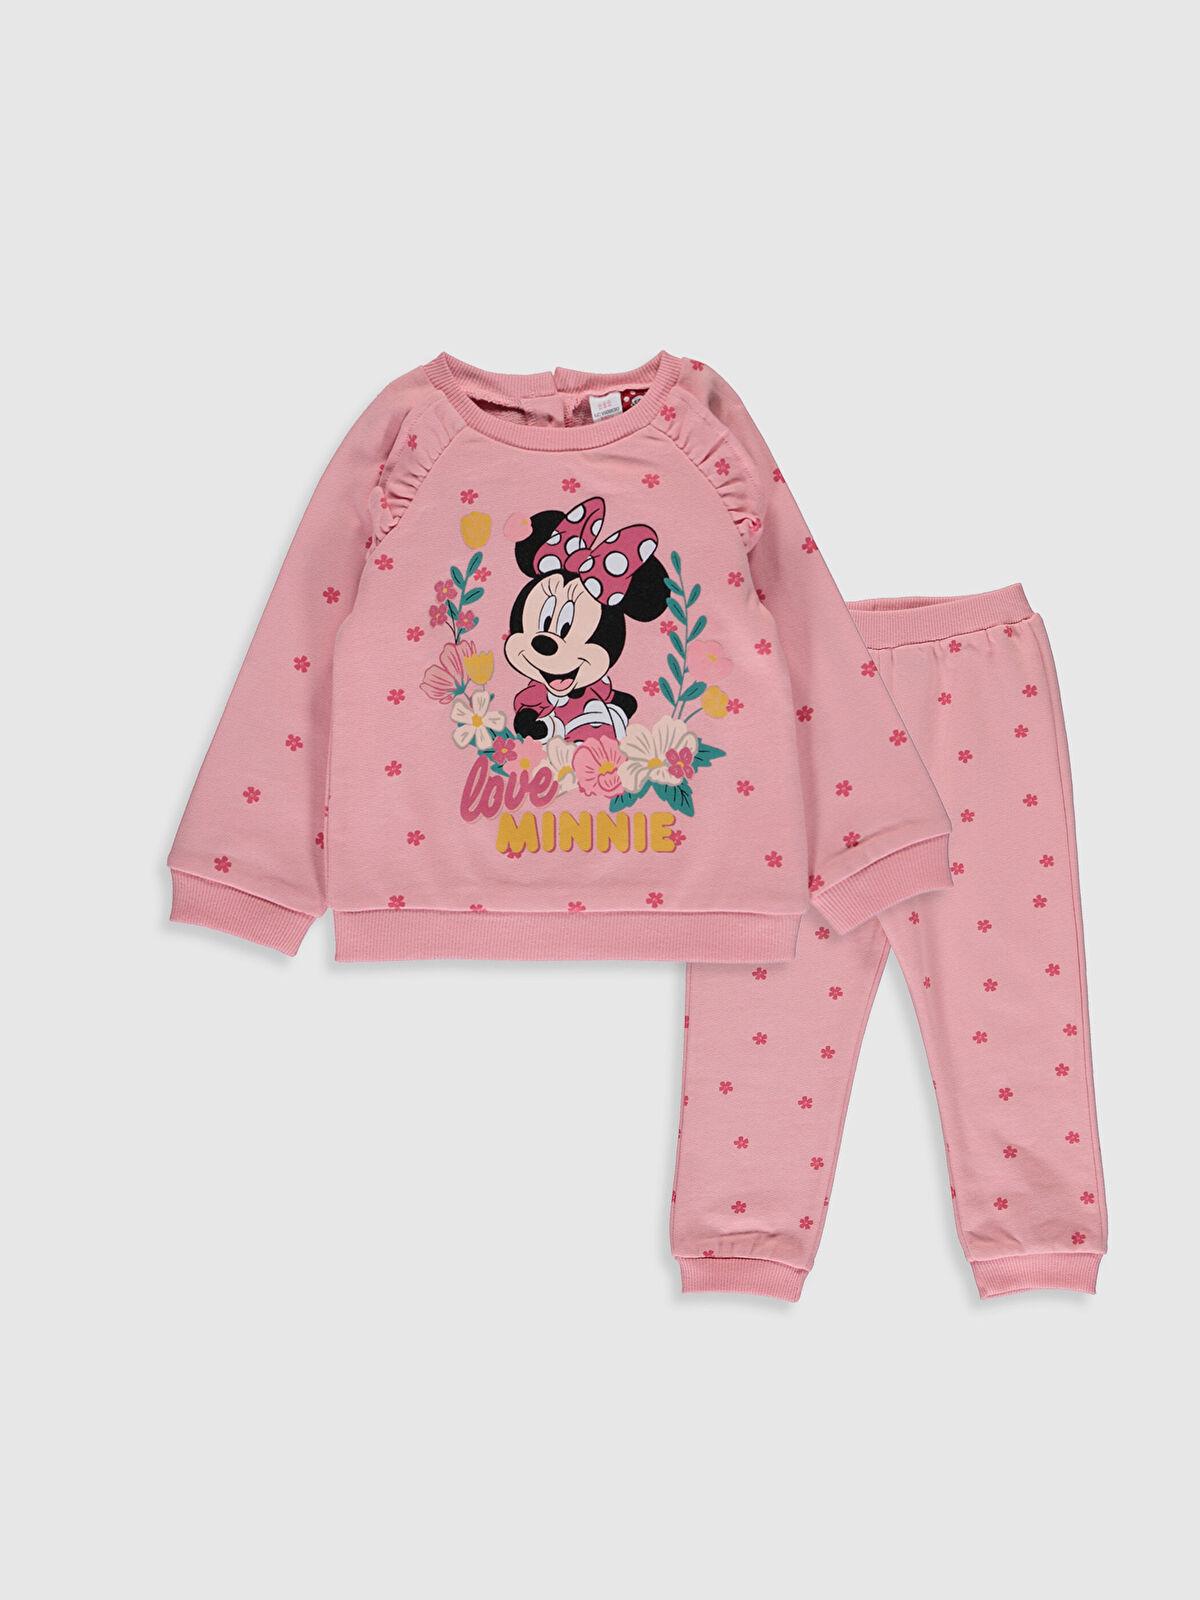 Kız Bebek Minnie Mouse Sweatshirt ve Pantolon - LC WAIKIKI